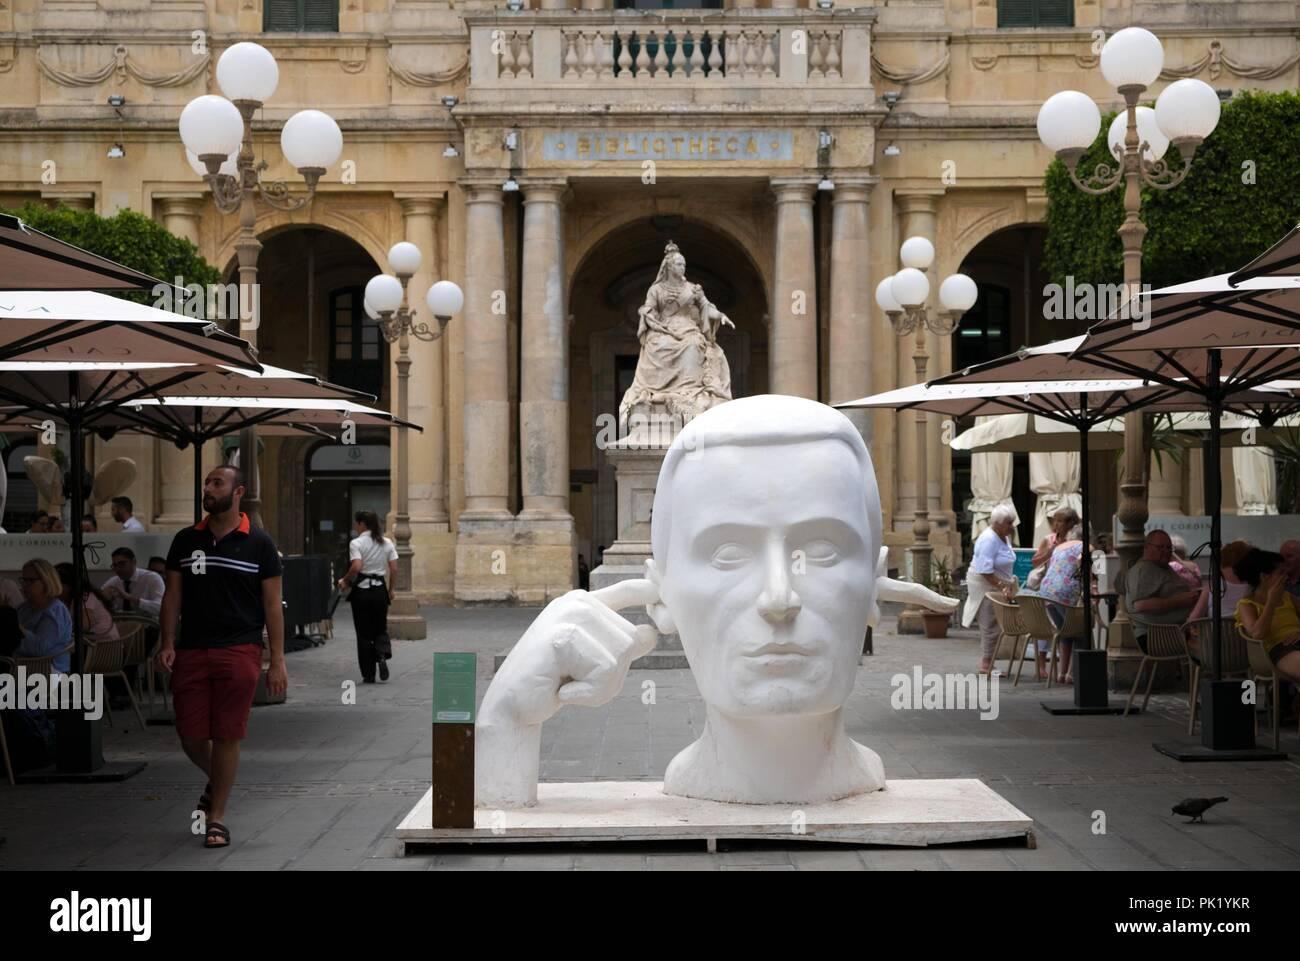 Artwork placés dans la place de la République dans la ville de La Valette, à Malte, dans le cadre de l'heure de la ville comme Capitale européenne de la Culture 2018 (ECoC). Photo Stock